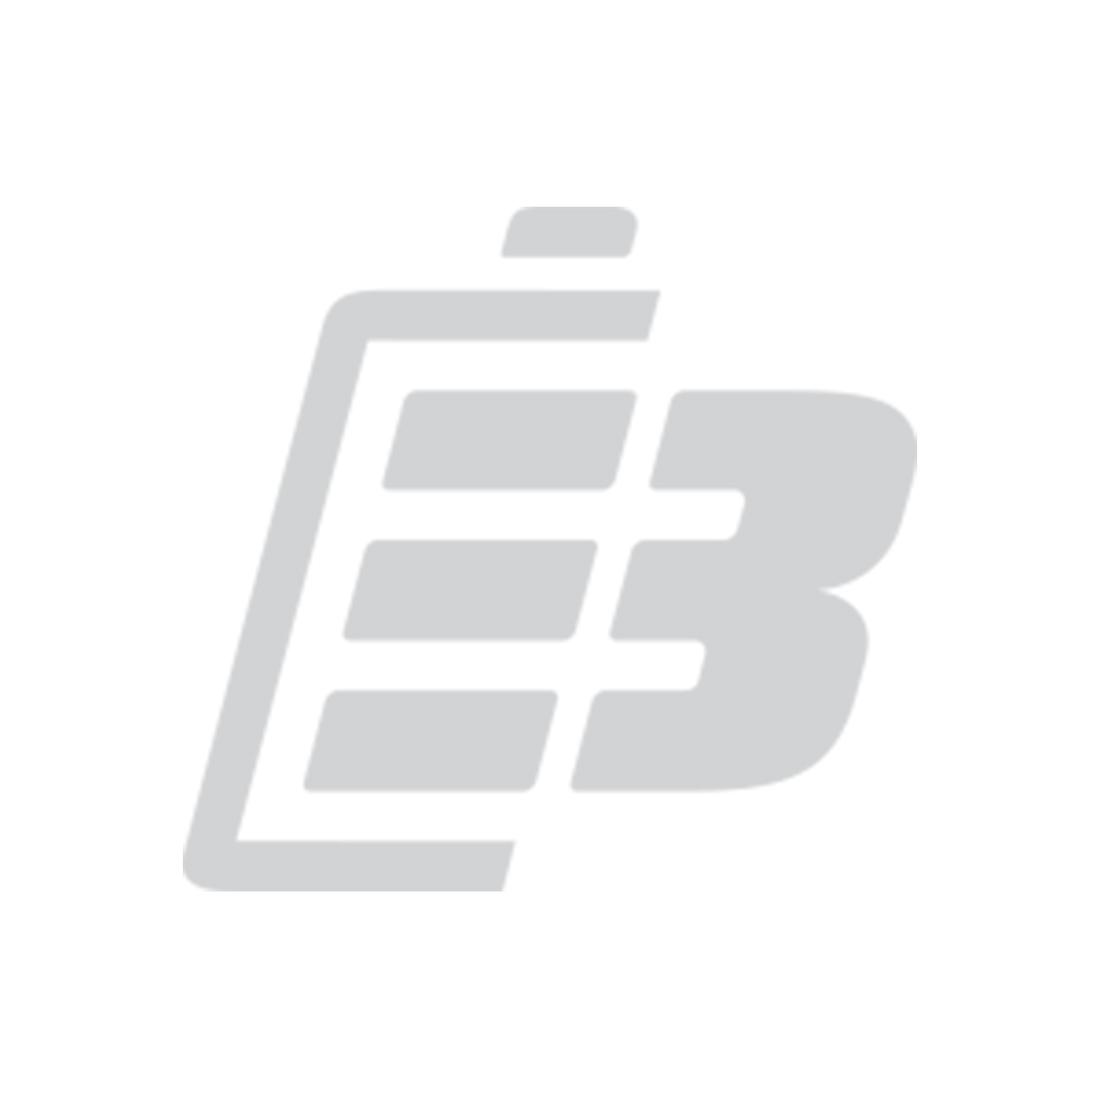 Camera battery Nikon EN-EL4_1